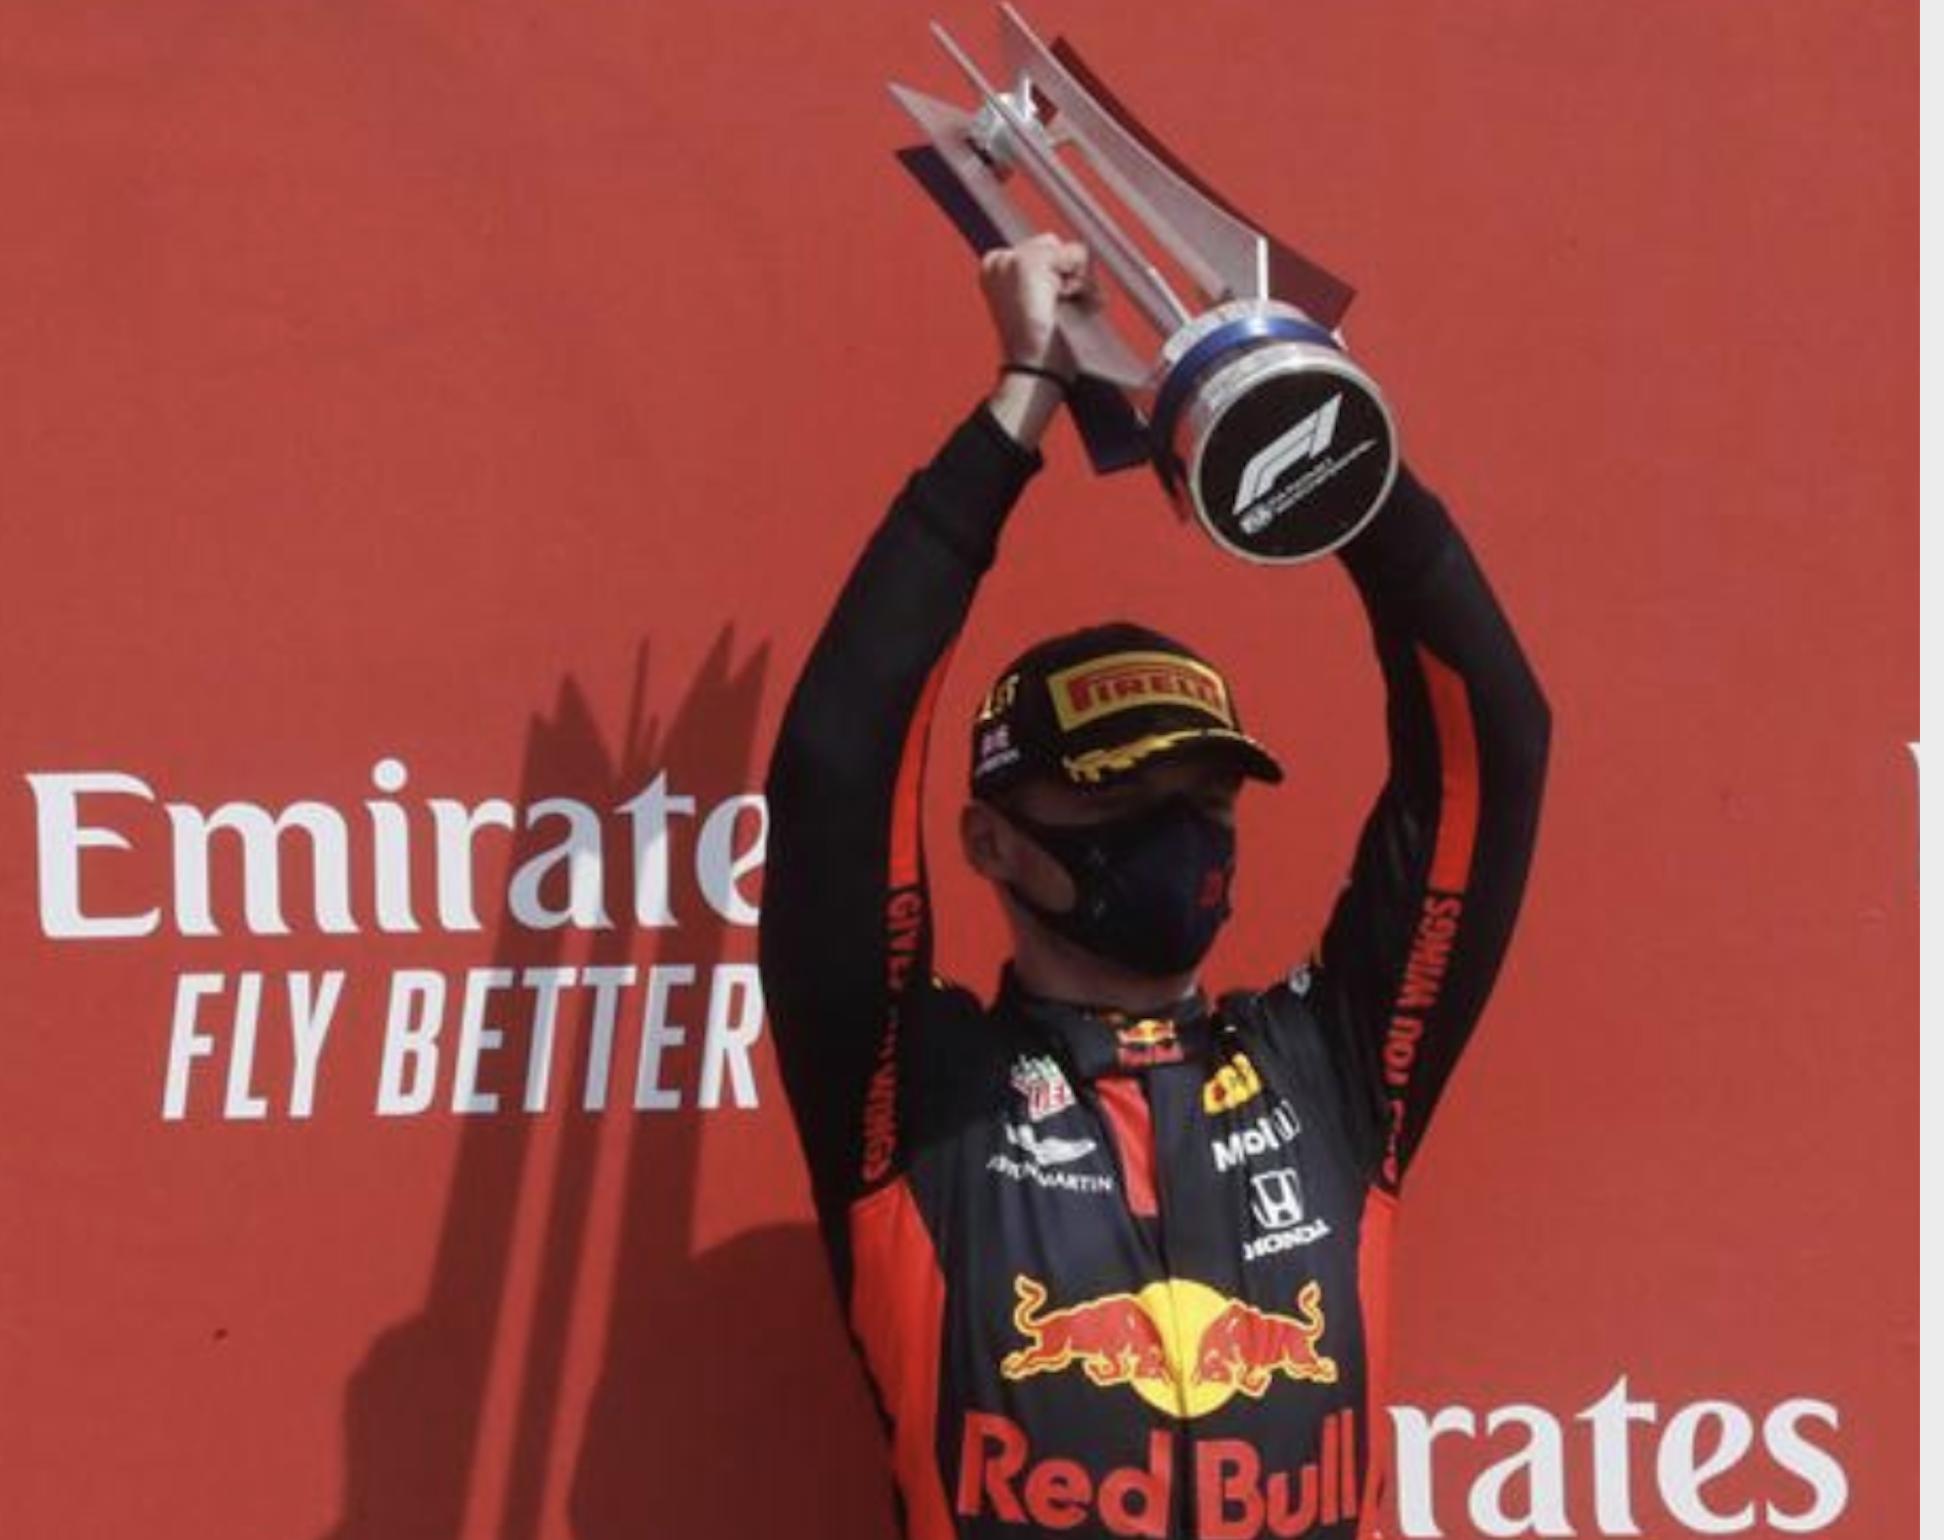 第 2 期 F1 70 周年大奖赛,维斯塔潘获得 2020 赛季首场胜利